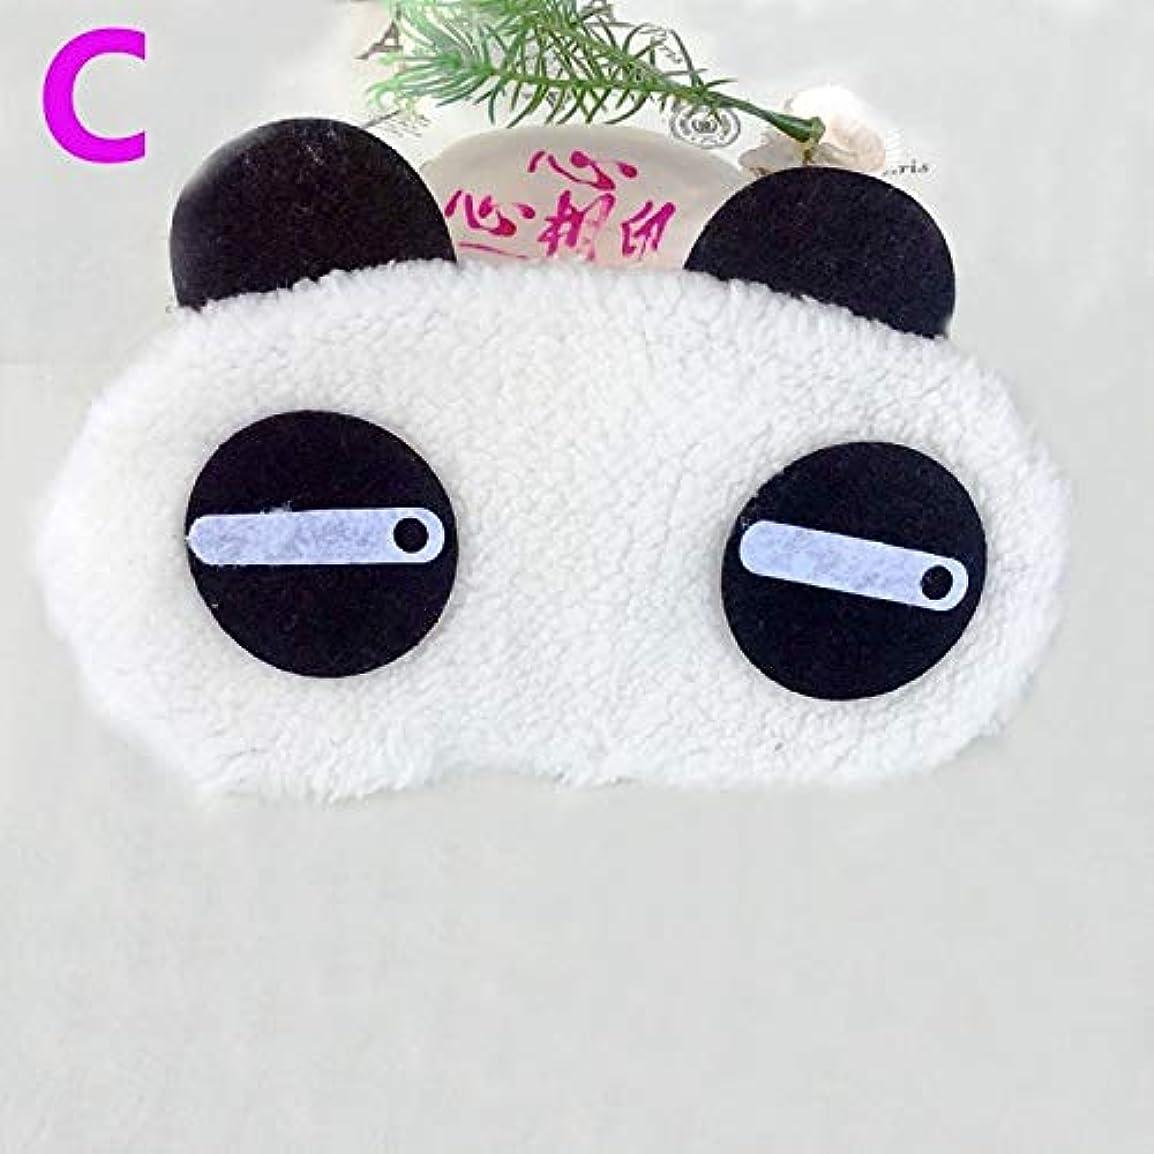 分泌する匿名プログラムNOTE 新しい1xパンダフェイスアイトラベルスリーピングマスク目隠しクリスマスギフトホワイト+ブラックアイマスクスリープマスクアイカバーケア